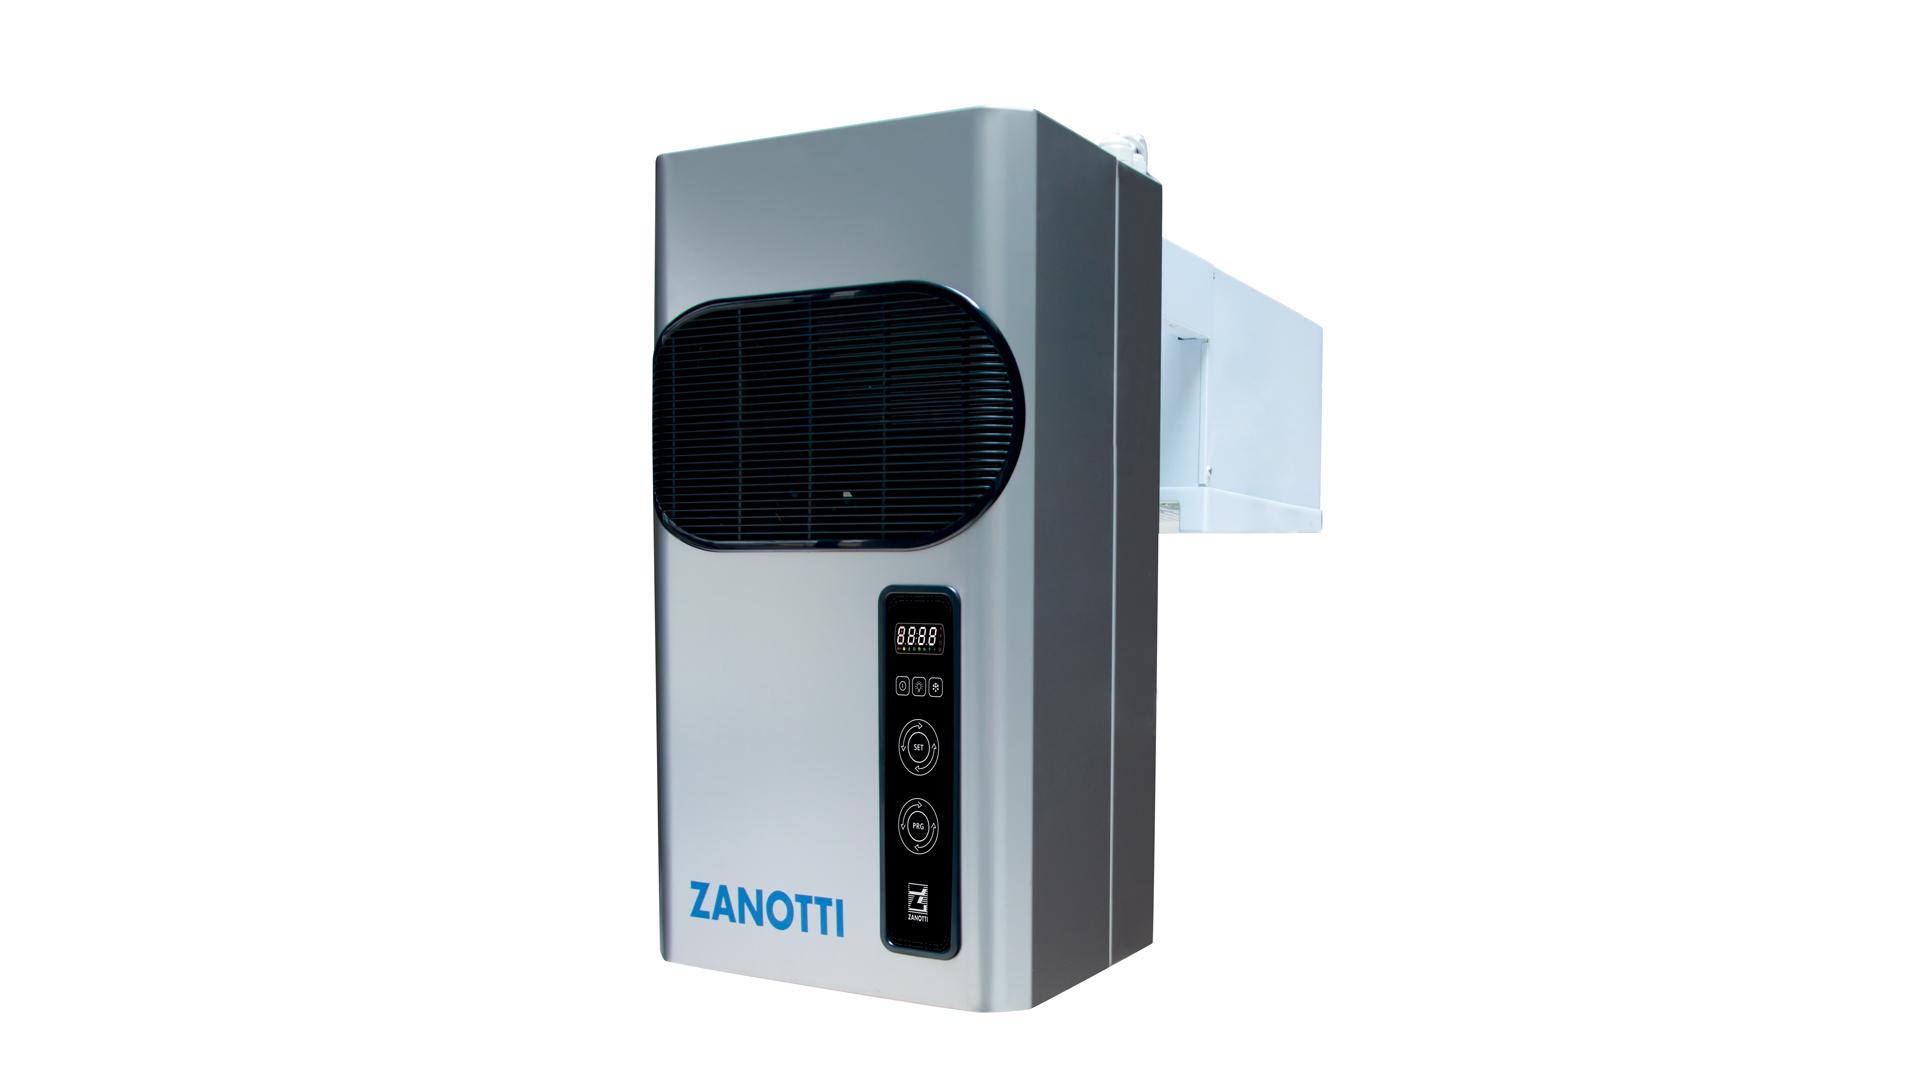 Gruppi monoblocco per impianti frigoriferi, modello Zanotti GM1